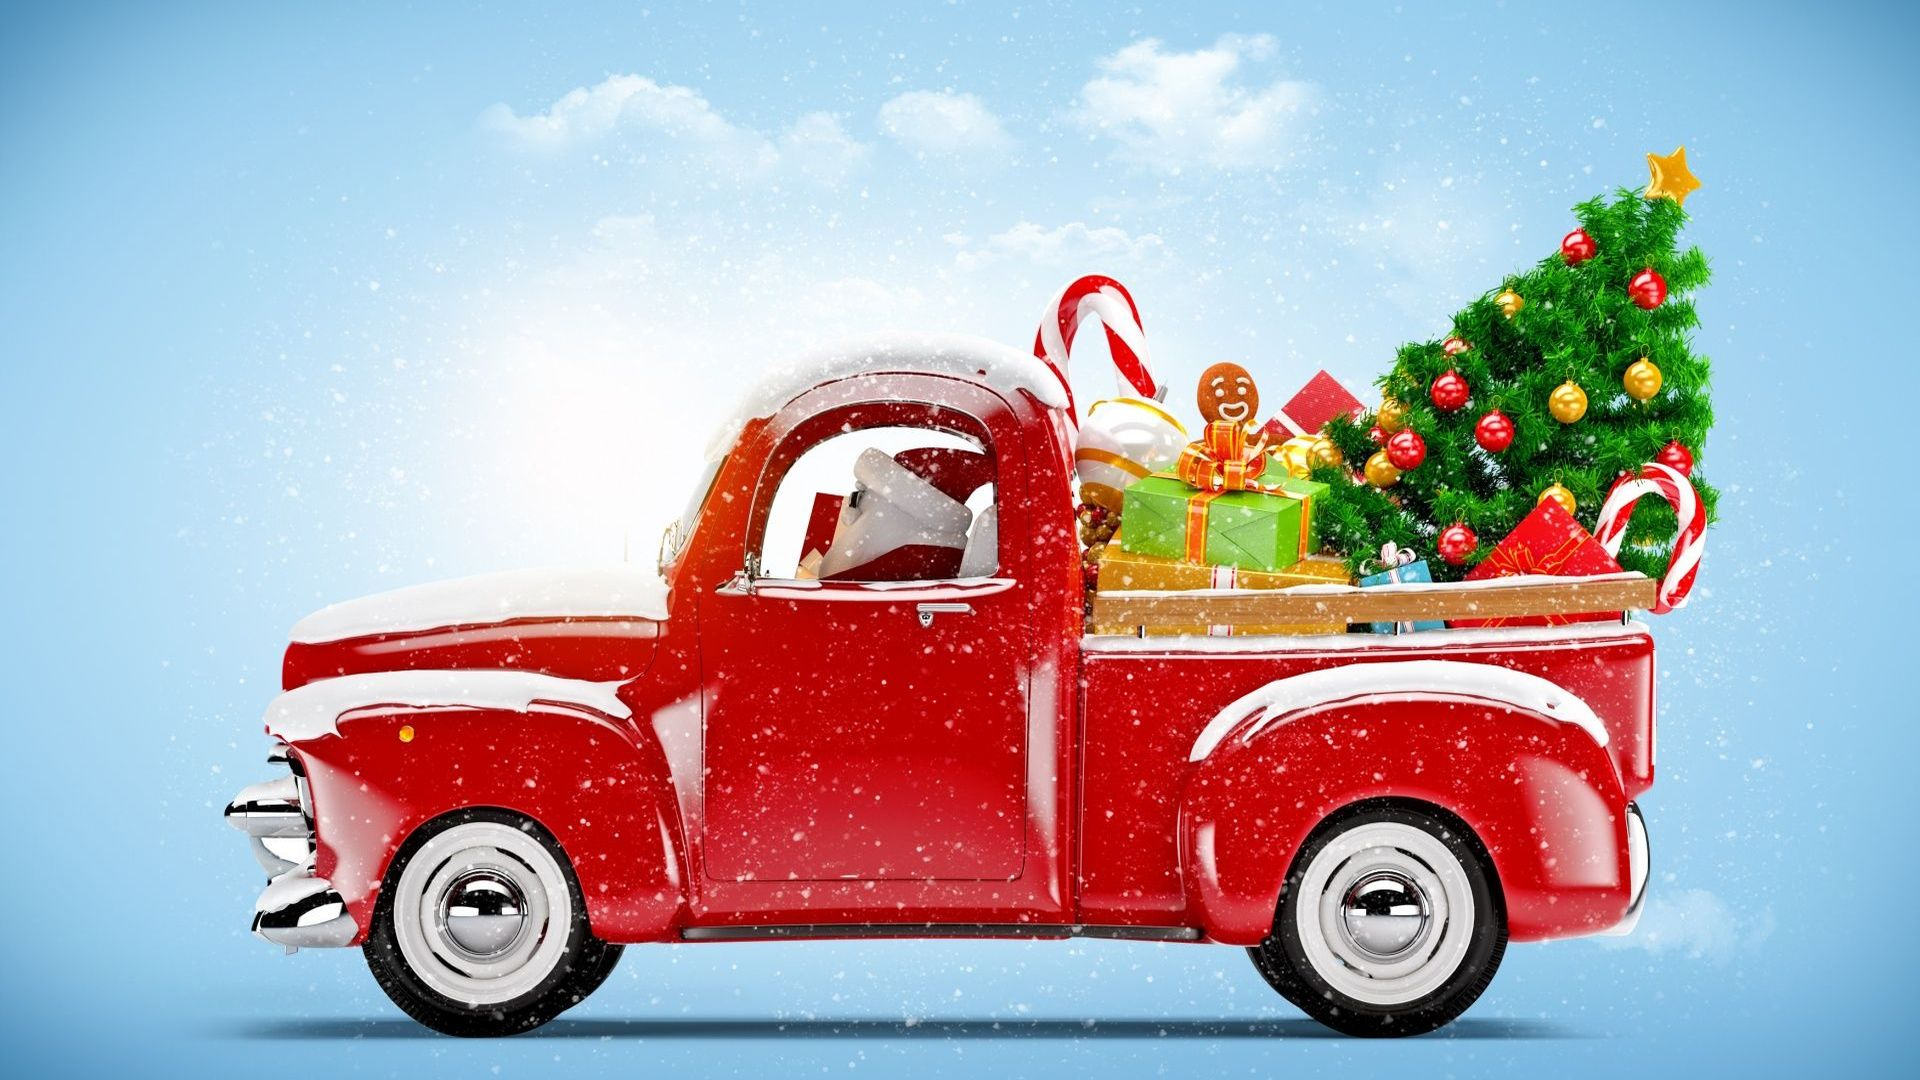 Auto Weihnachtsbaum.Hd Hintergrundbilder Weihnachten Auto Weihnachtsbaum Dekorationen